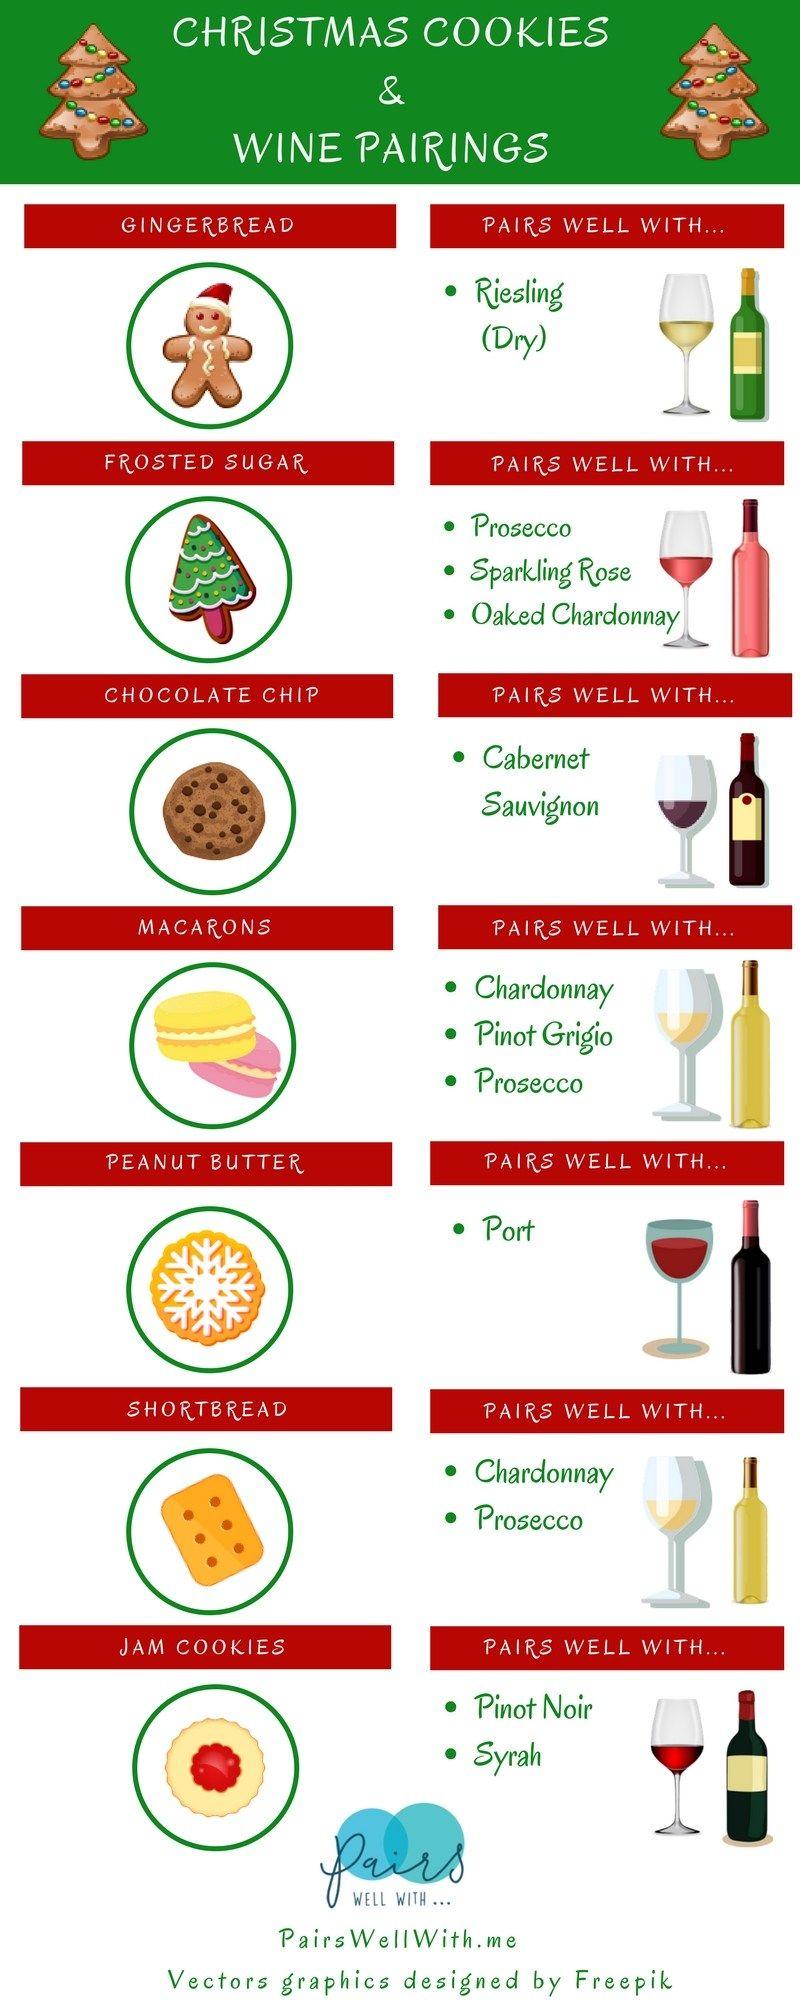 Christmas Cookies Wine Pairings Pairs Well With Wine Food Pairing Wine Pairing Wine Recipes